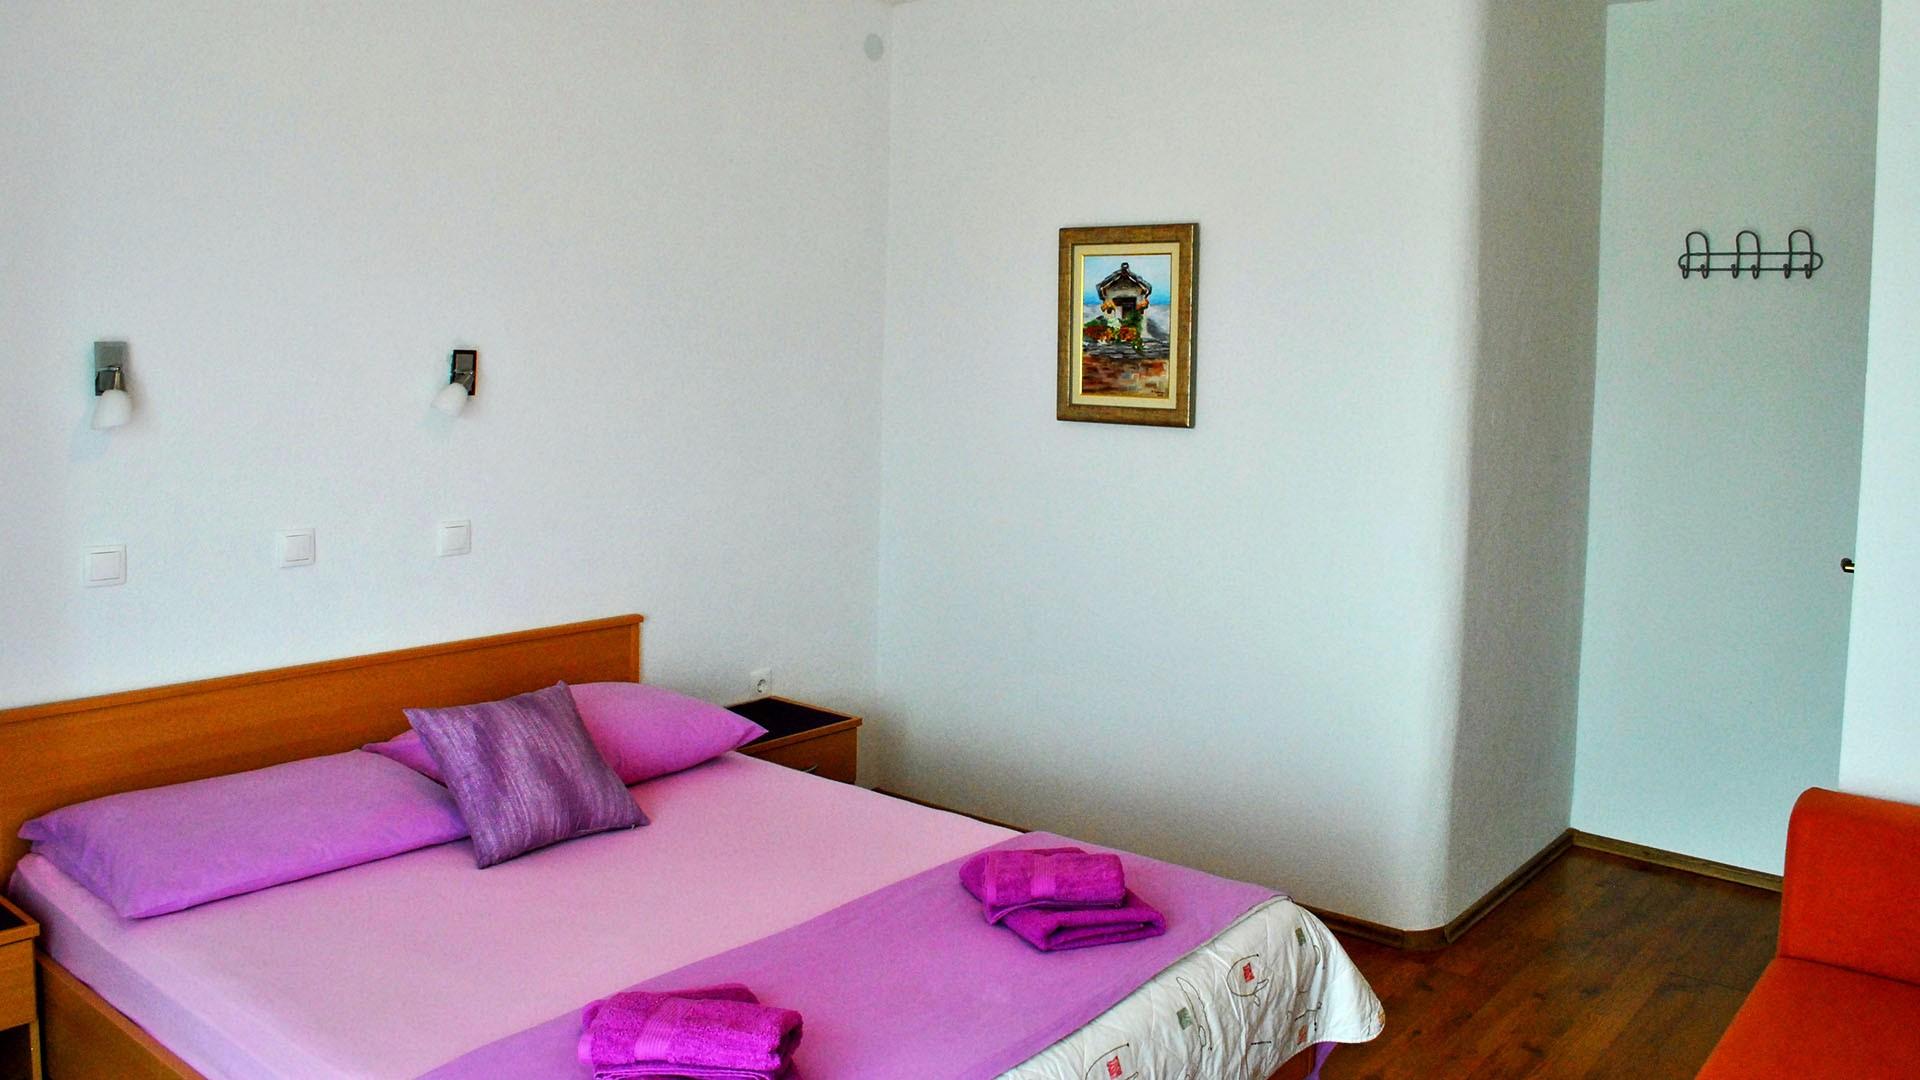 ApartmentA5 bedroom2